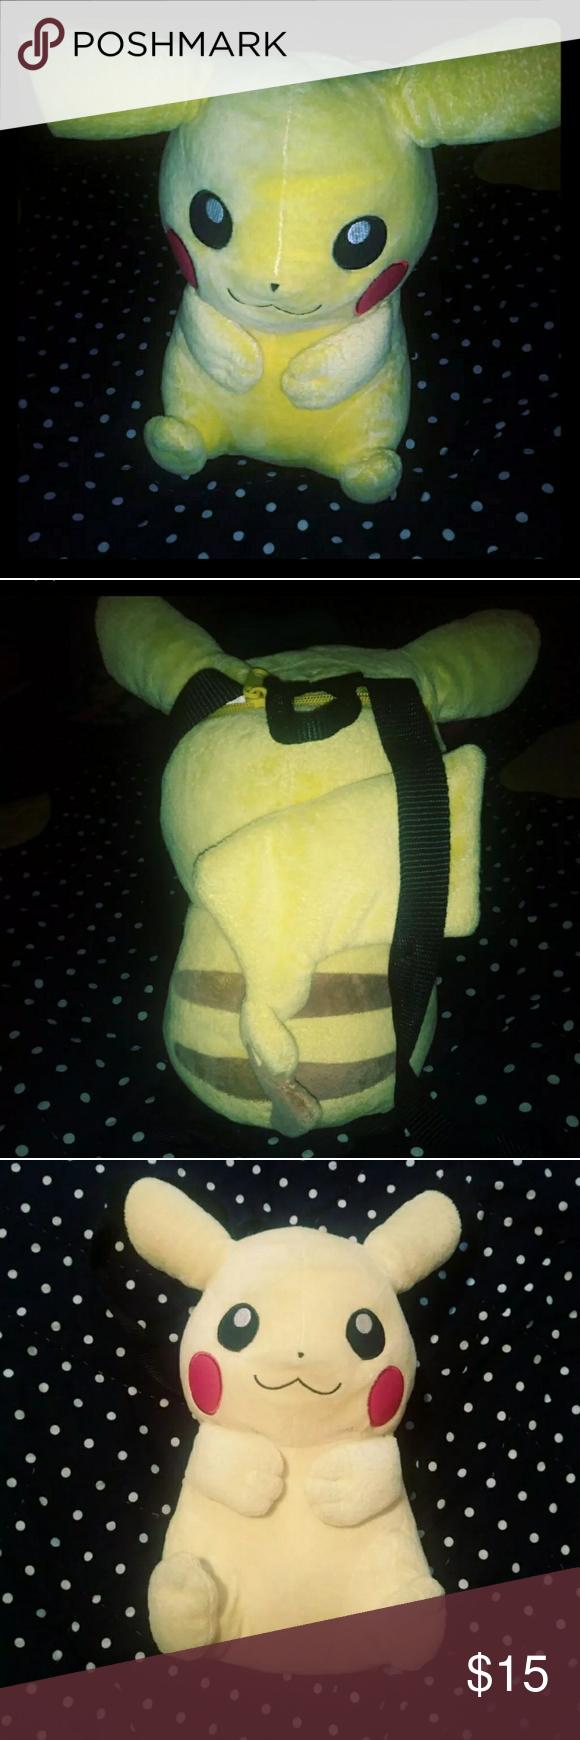 Plush Pickachu Pokemon Backpack # Muebles Pokemon